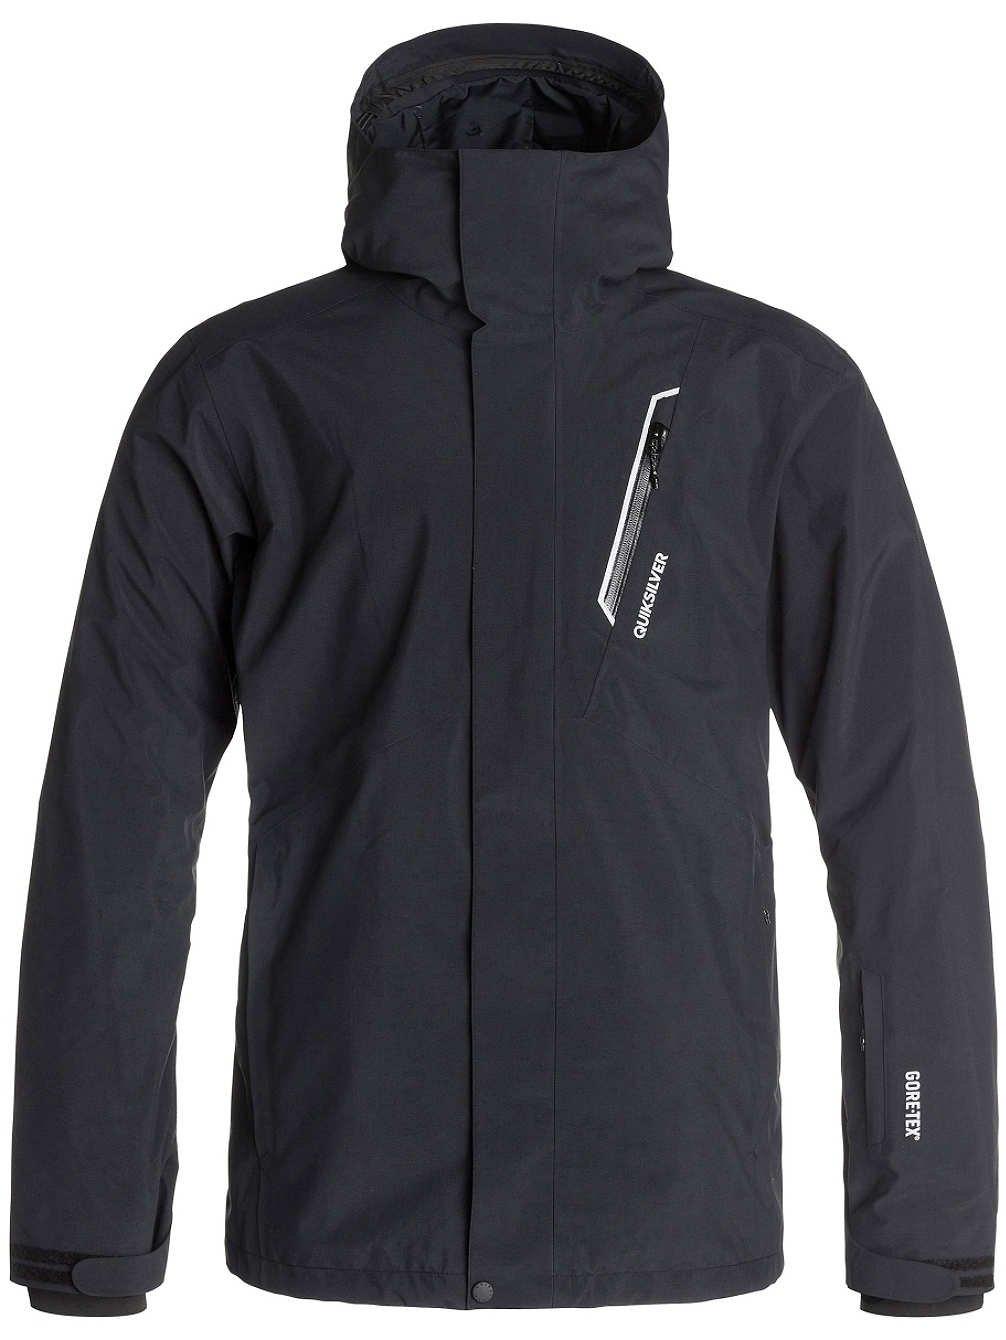 Herren Snowboard Jacke Quiksilver Forever Jacket günstig kaufen